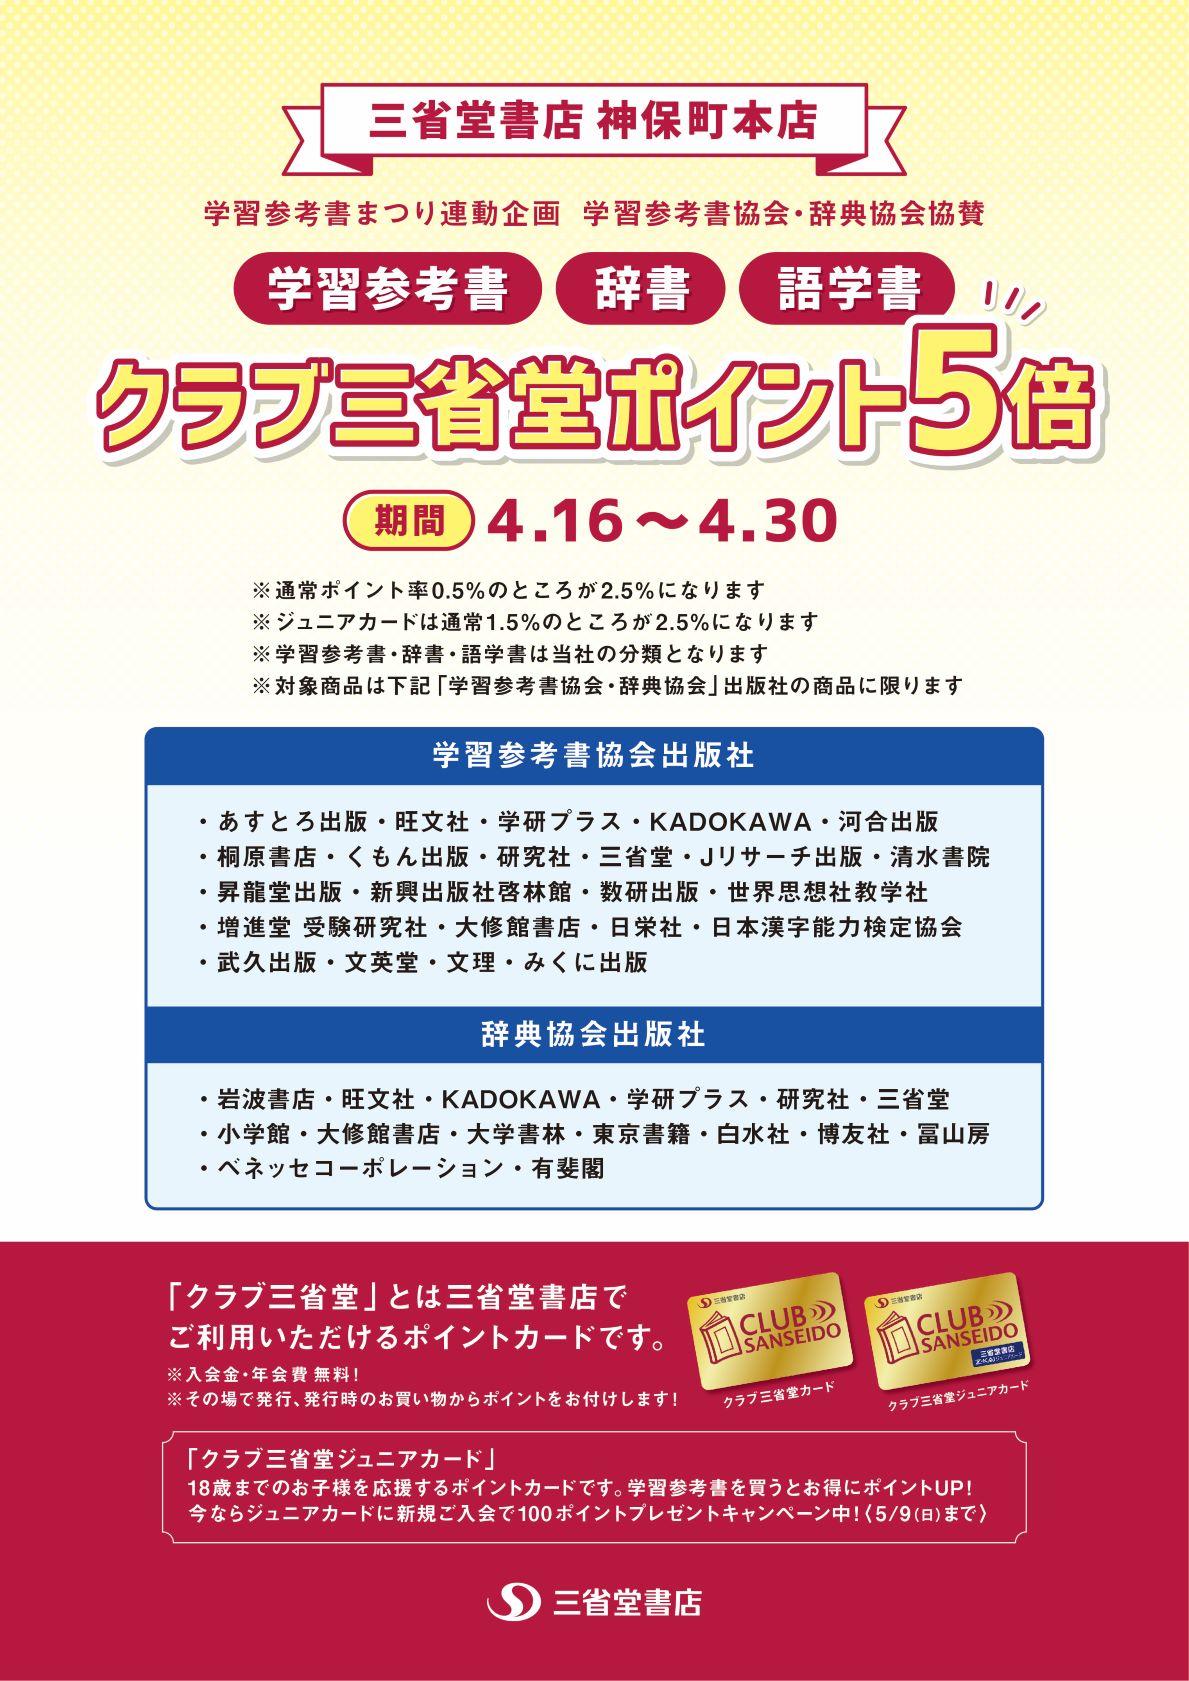 イベント – ページ Array – 三省堂書店神保町本店特設サイト 2021-04-14 17:51:05